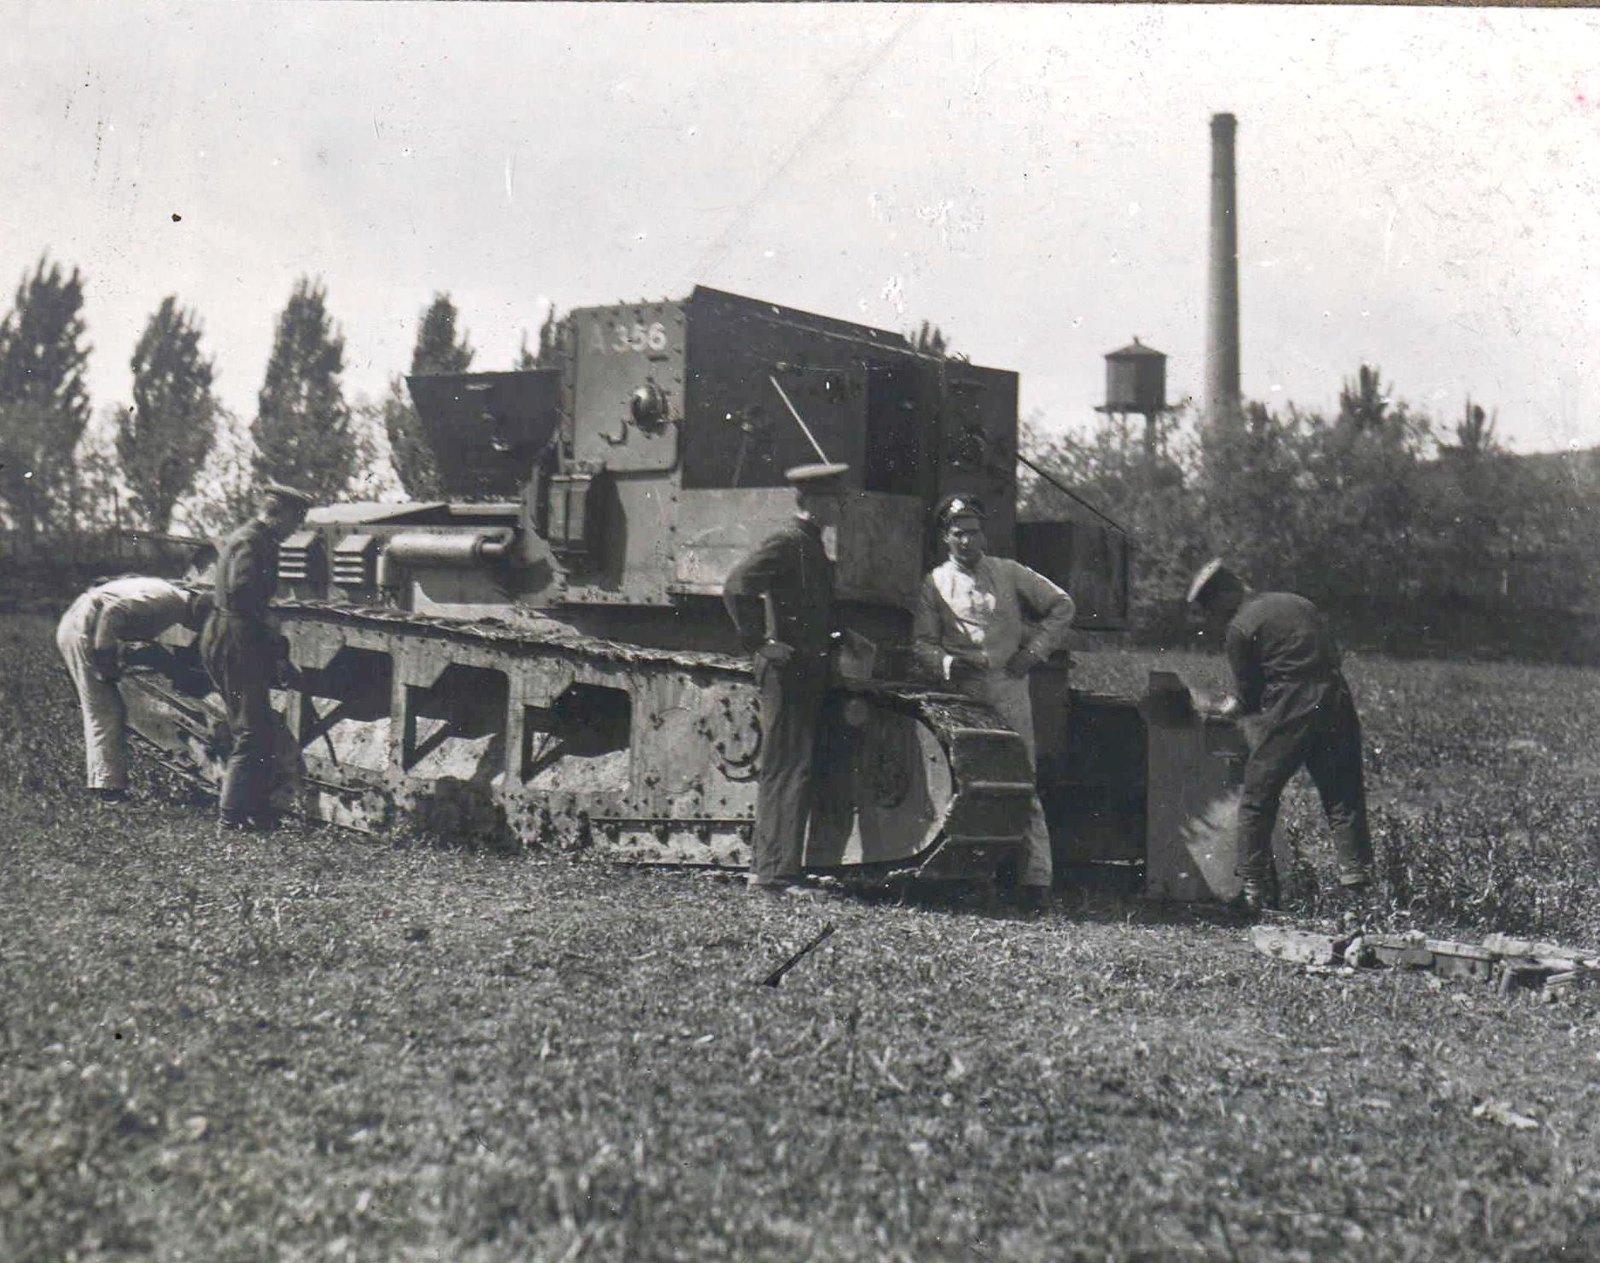 315 1919. Изучение материальной части танка в «Школе английских танков». Таганрог